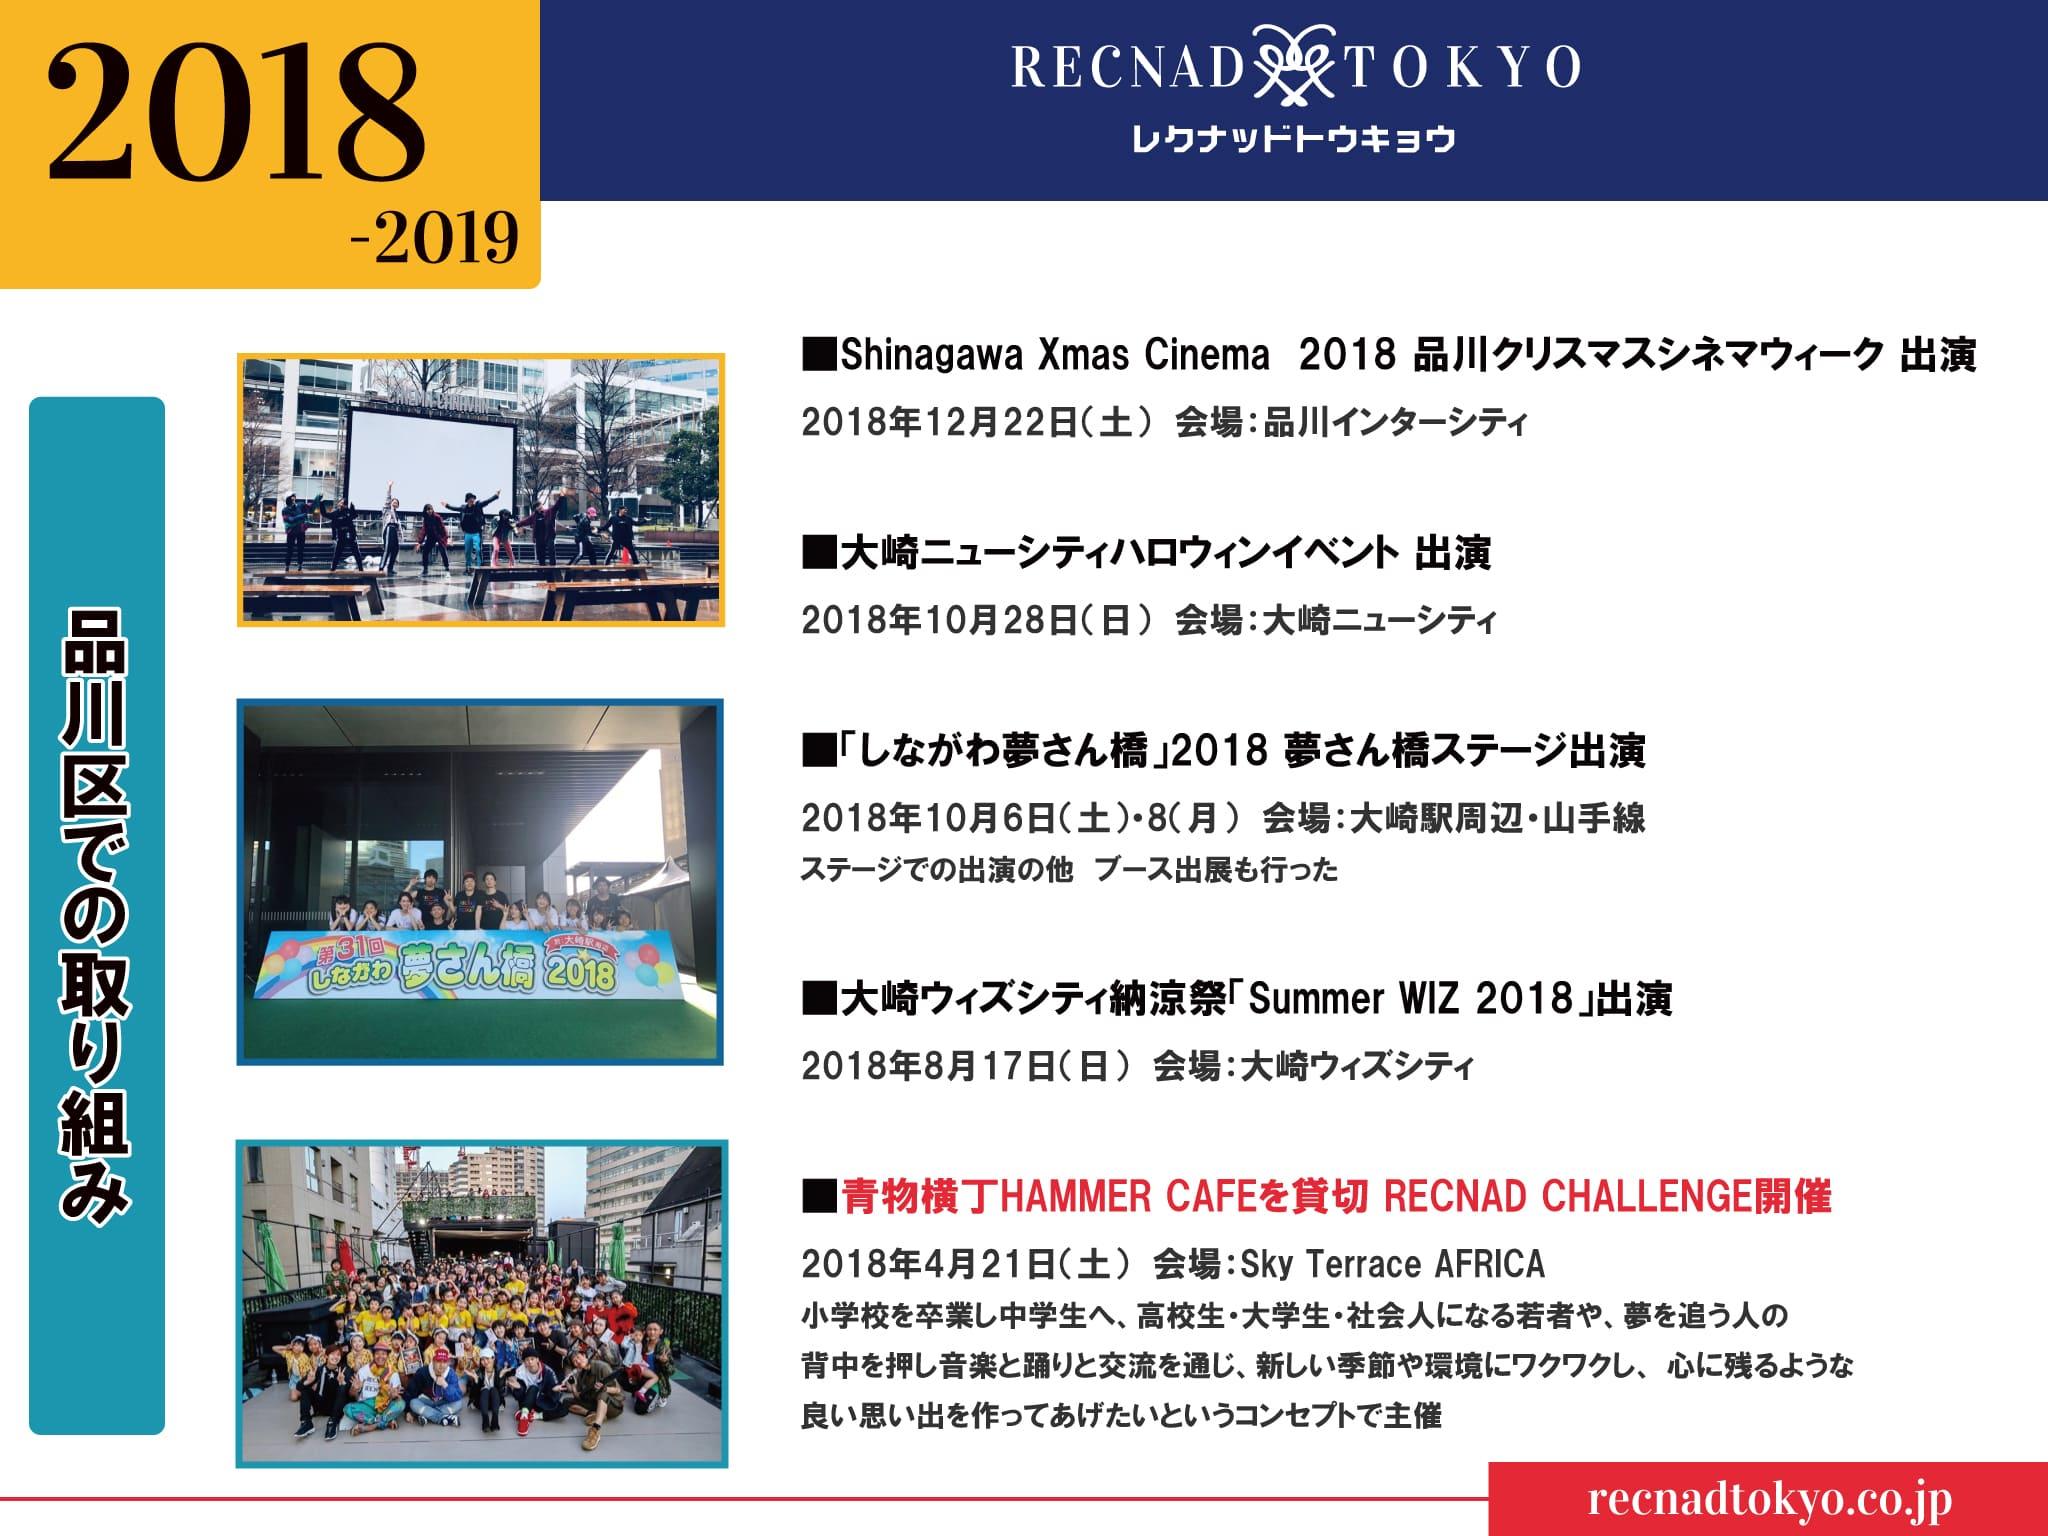 品川区 でのRECNAD TOKYOの活動 ダンス で街を盛り上げる わしながわ   RECNAD TOKYO 2018